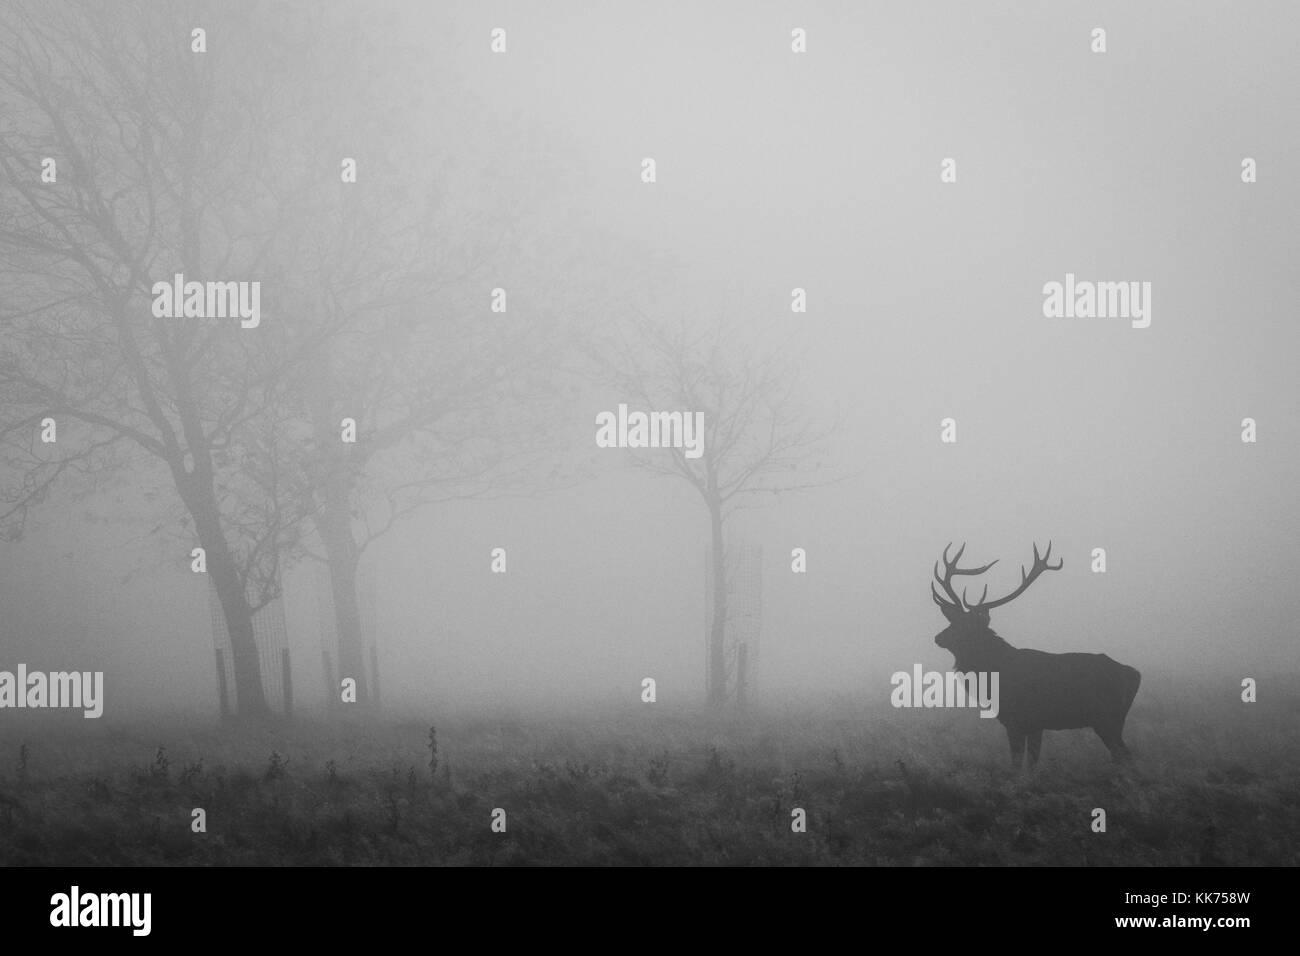 Feste di addio al celibato, maschio rosso cervo, nella nebbia, cheshire, country park, la fauna selvatica Immagini Stock